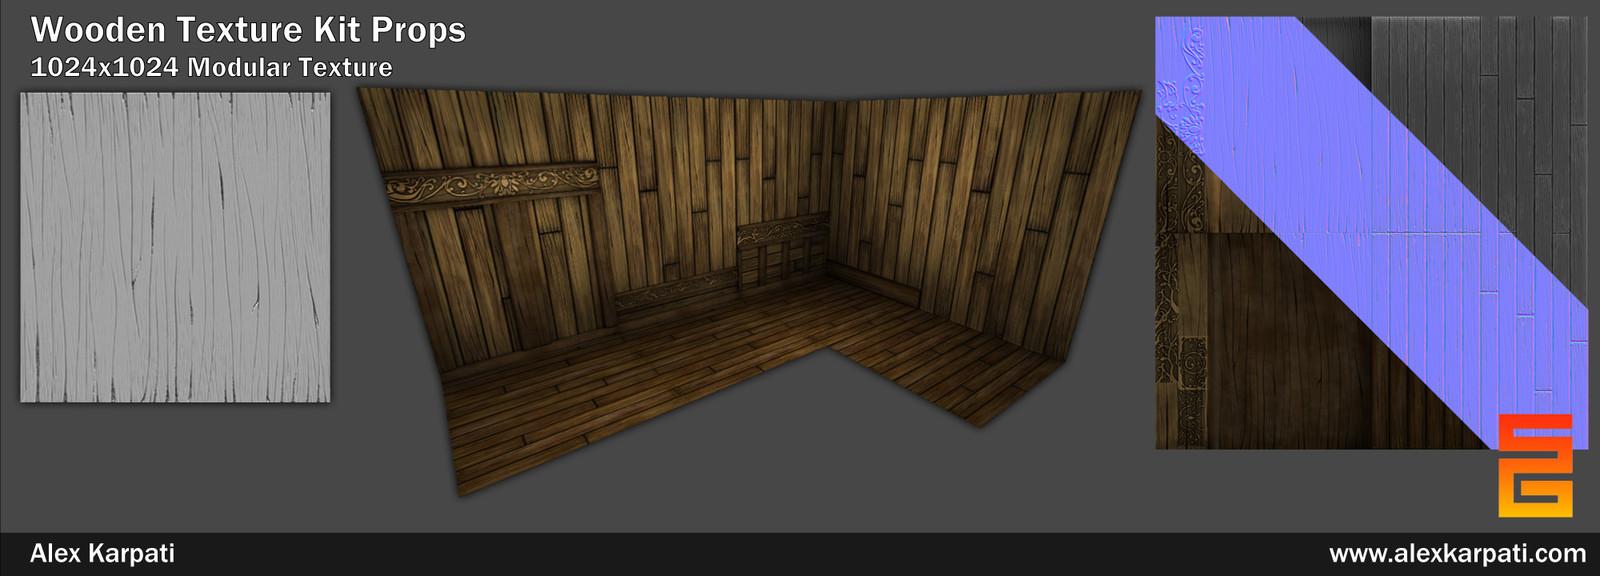 Wood Texture Kit